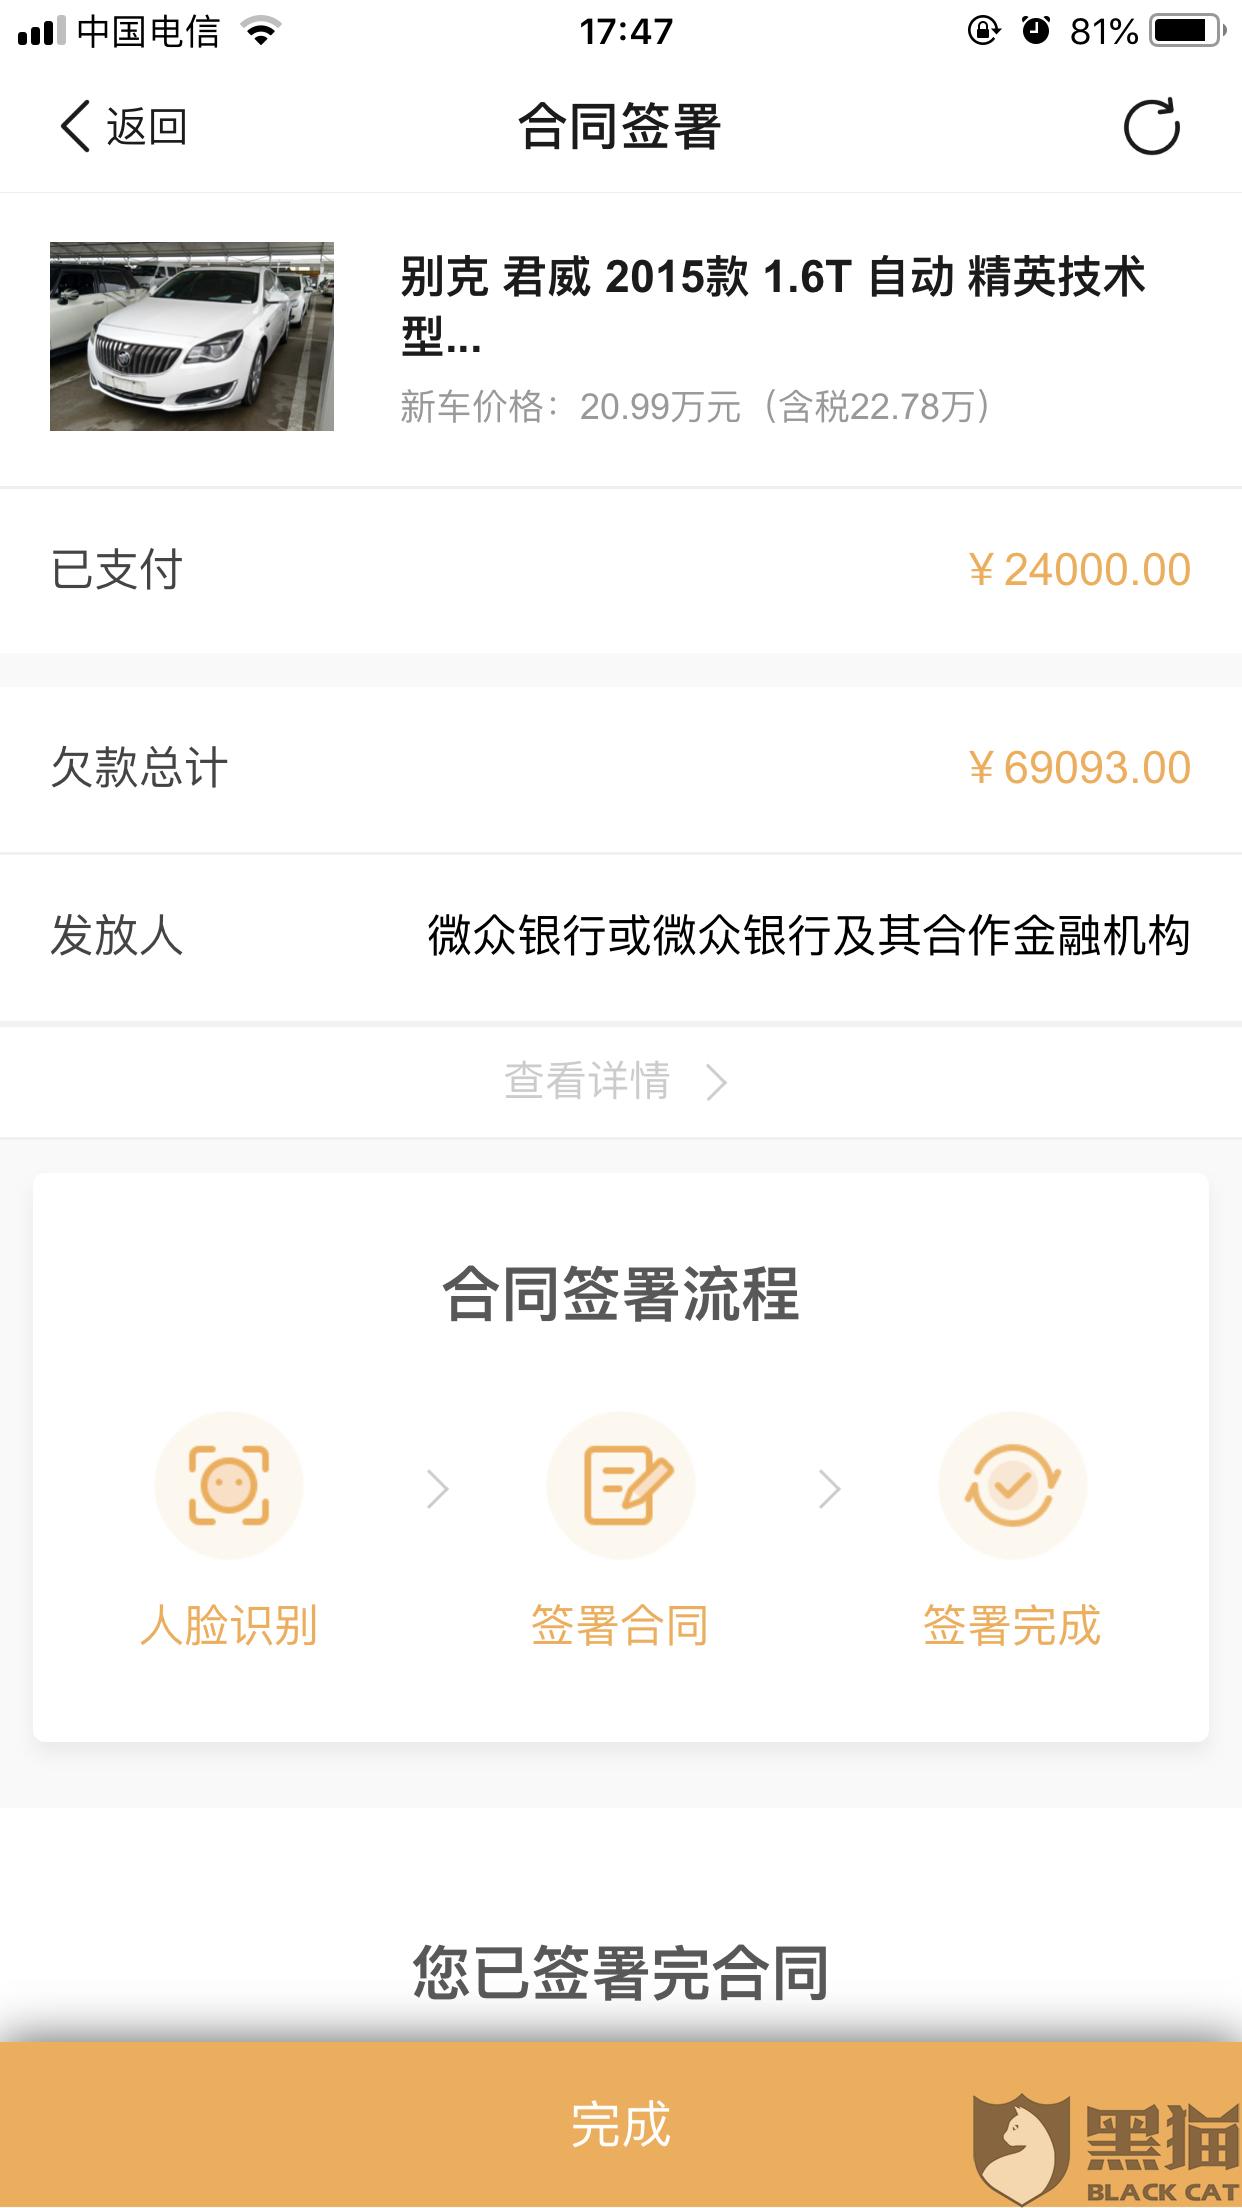 黑猫投诉:优信二手车套路贷 南京大公二手车 优信洪洋员工套路贷